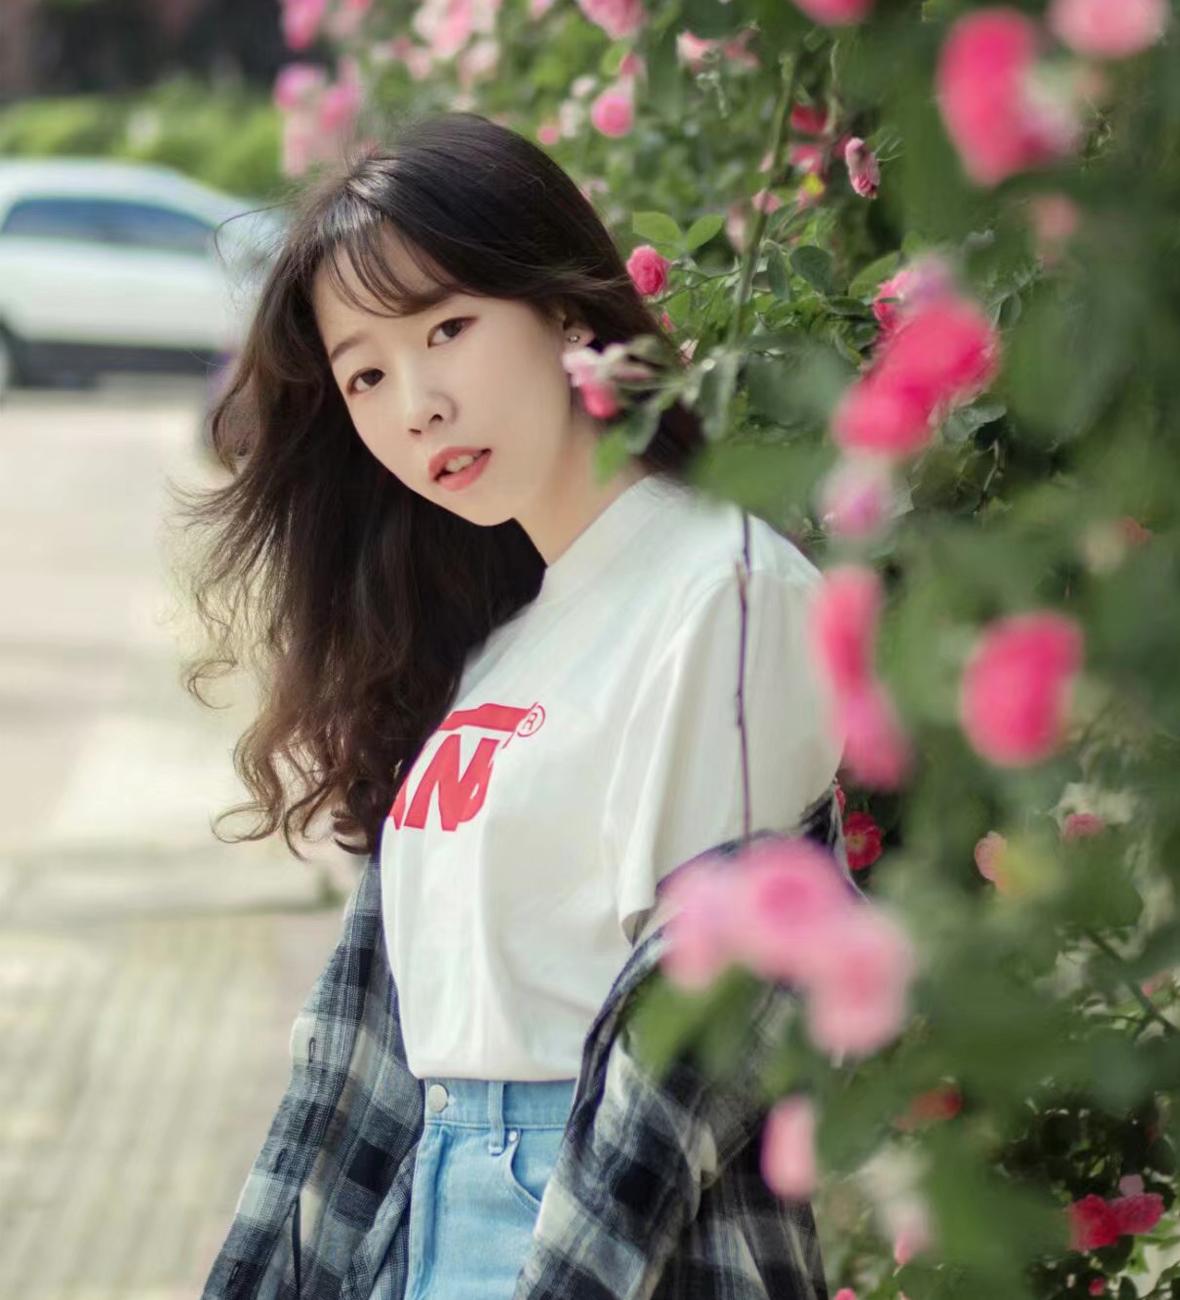 【花粉女生】多美的蔷薇花呀,花粉女生-花粉俱乐部